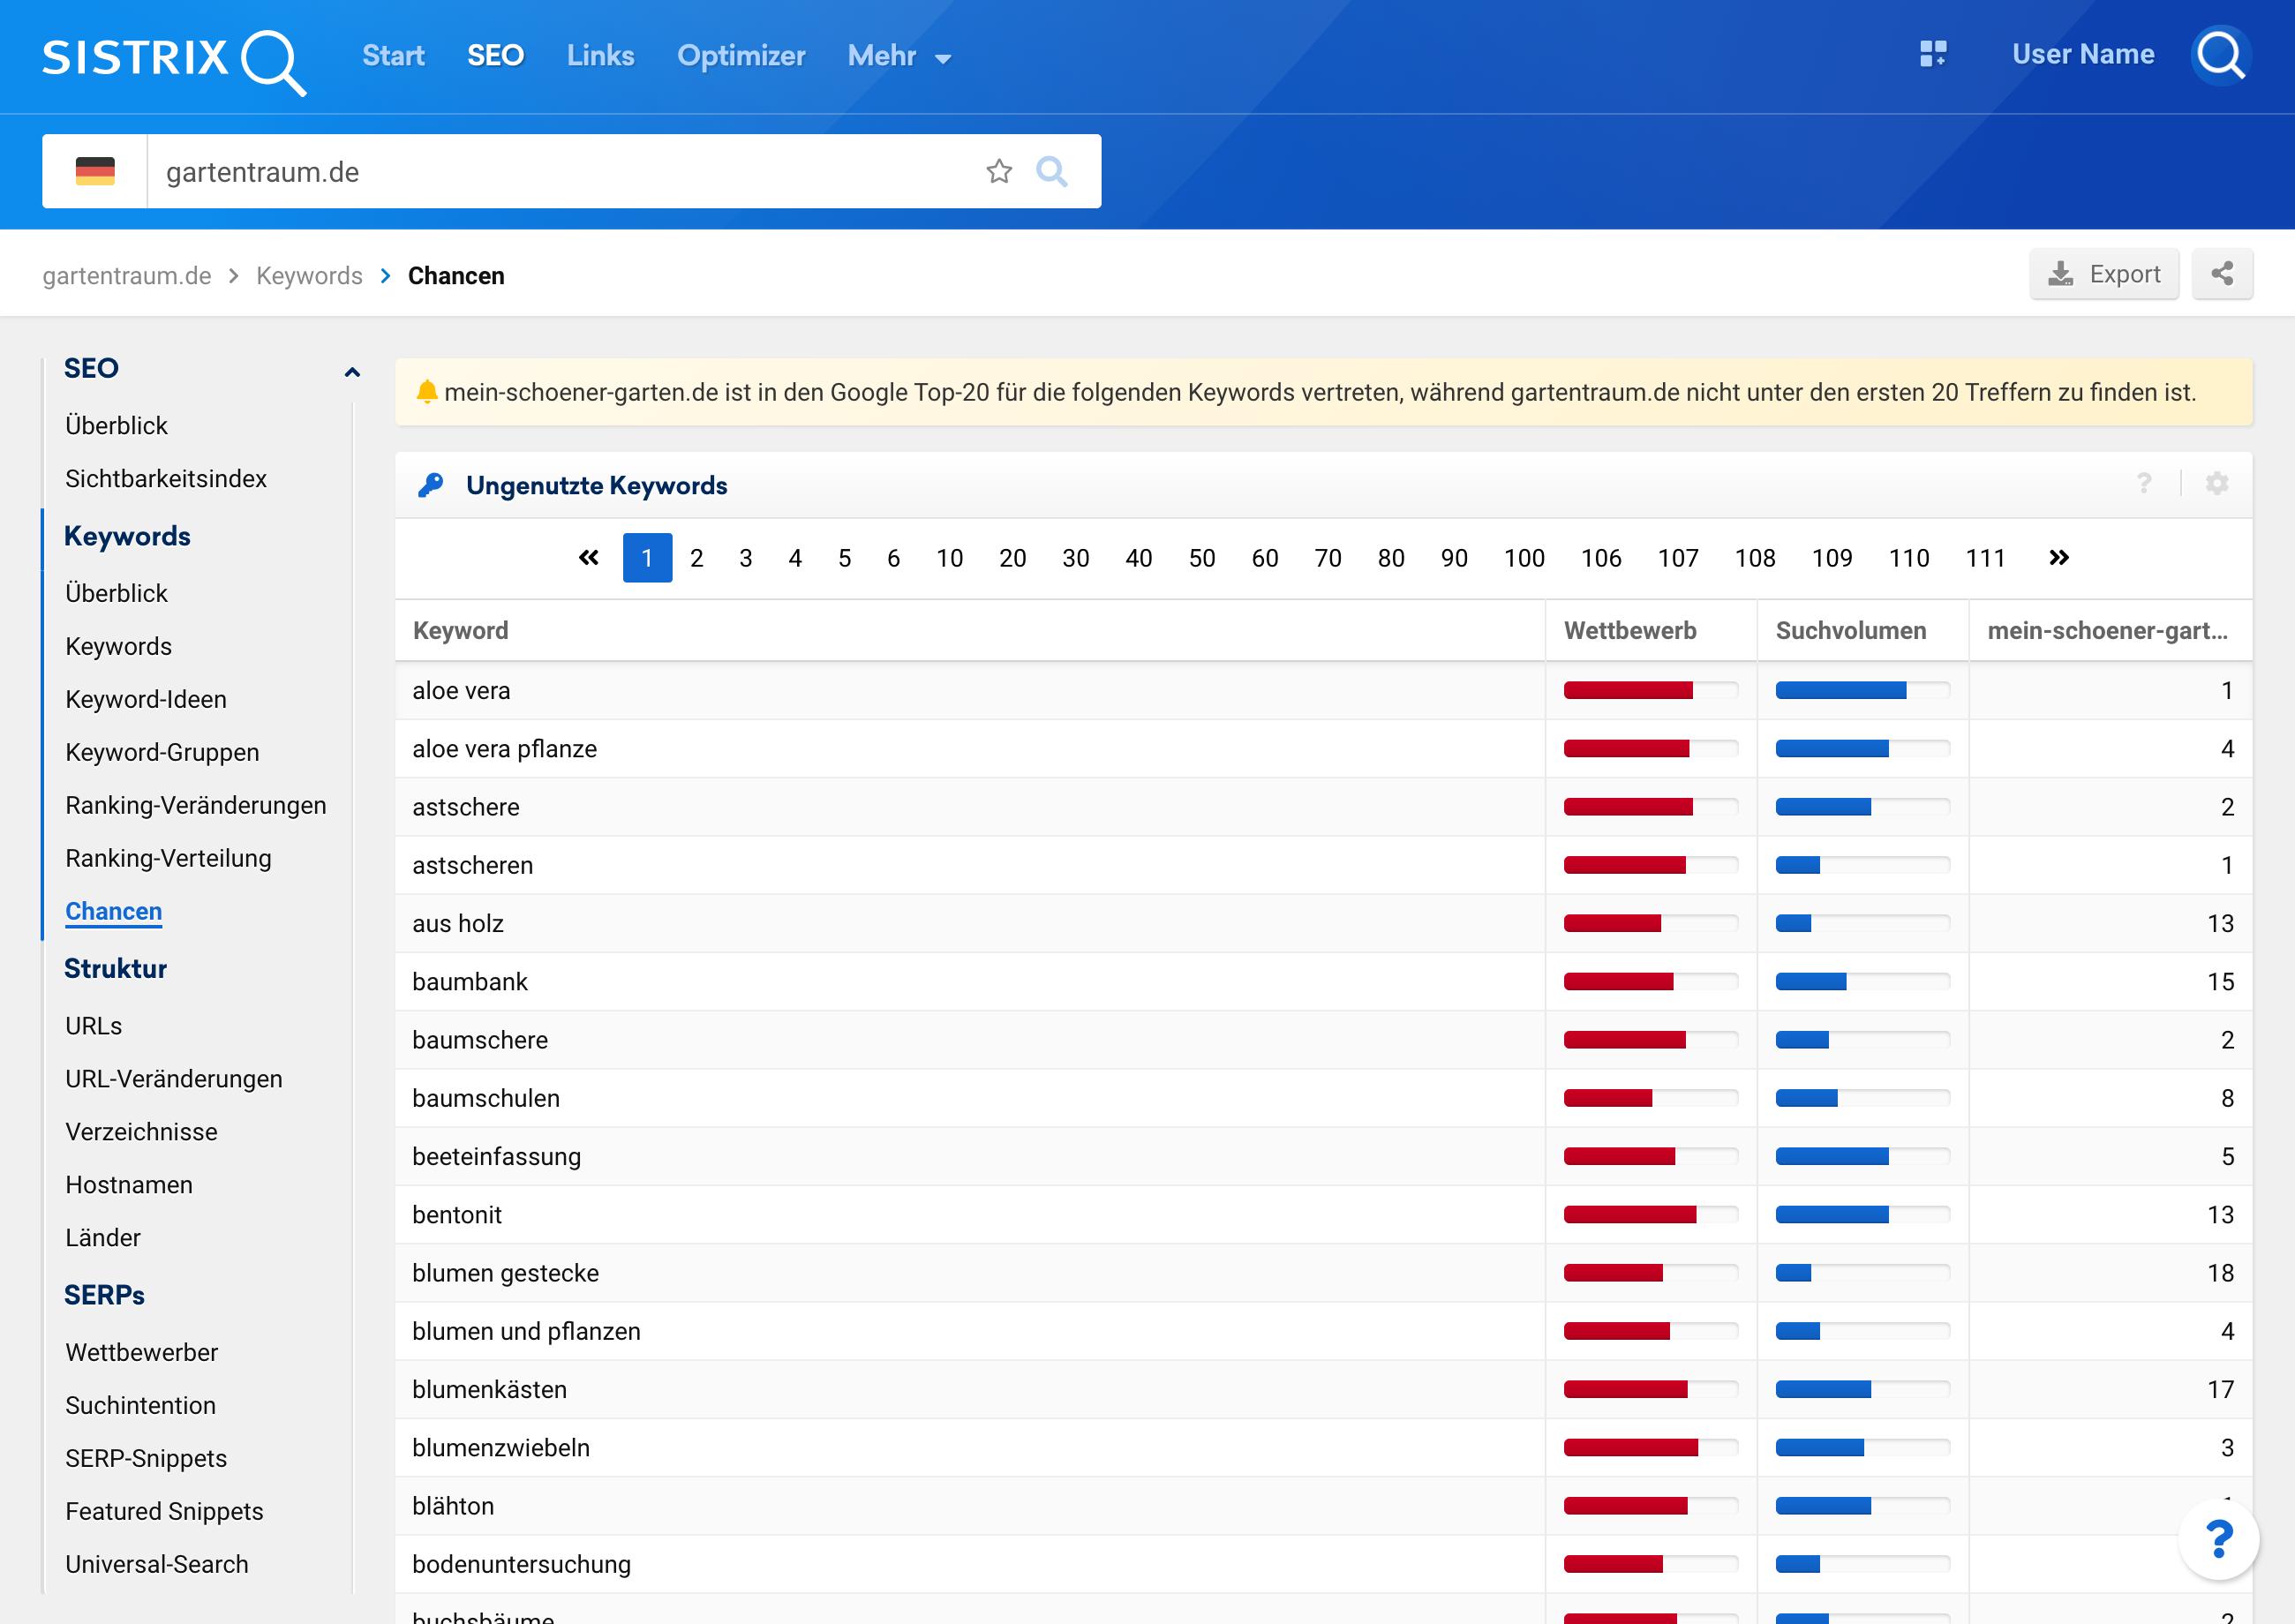 Ungenutzte Keywords der Domain gartentraum.de im Vergleich zu den Top-20 Rankings für mein-schoener-garten.de